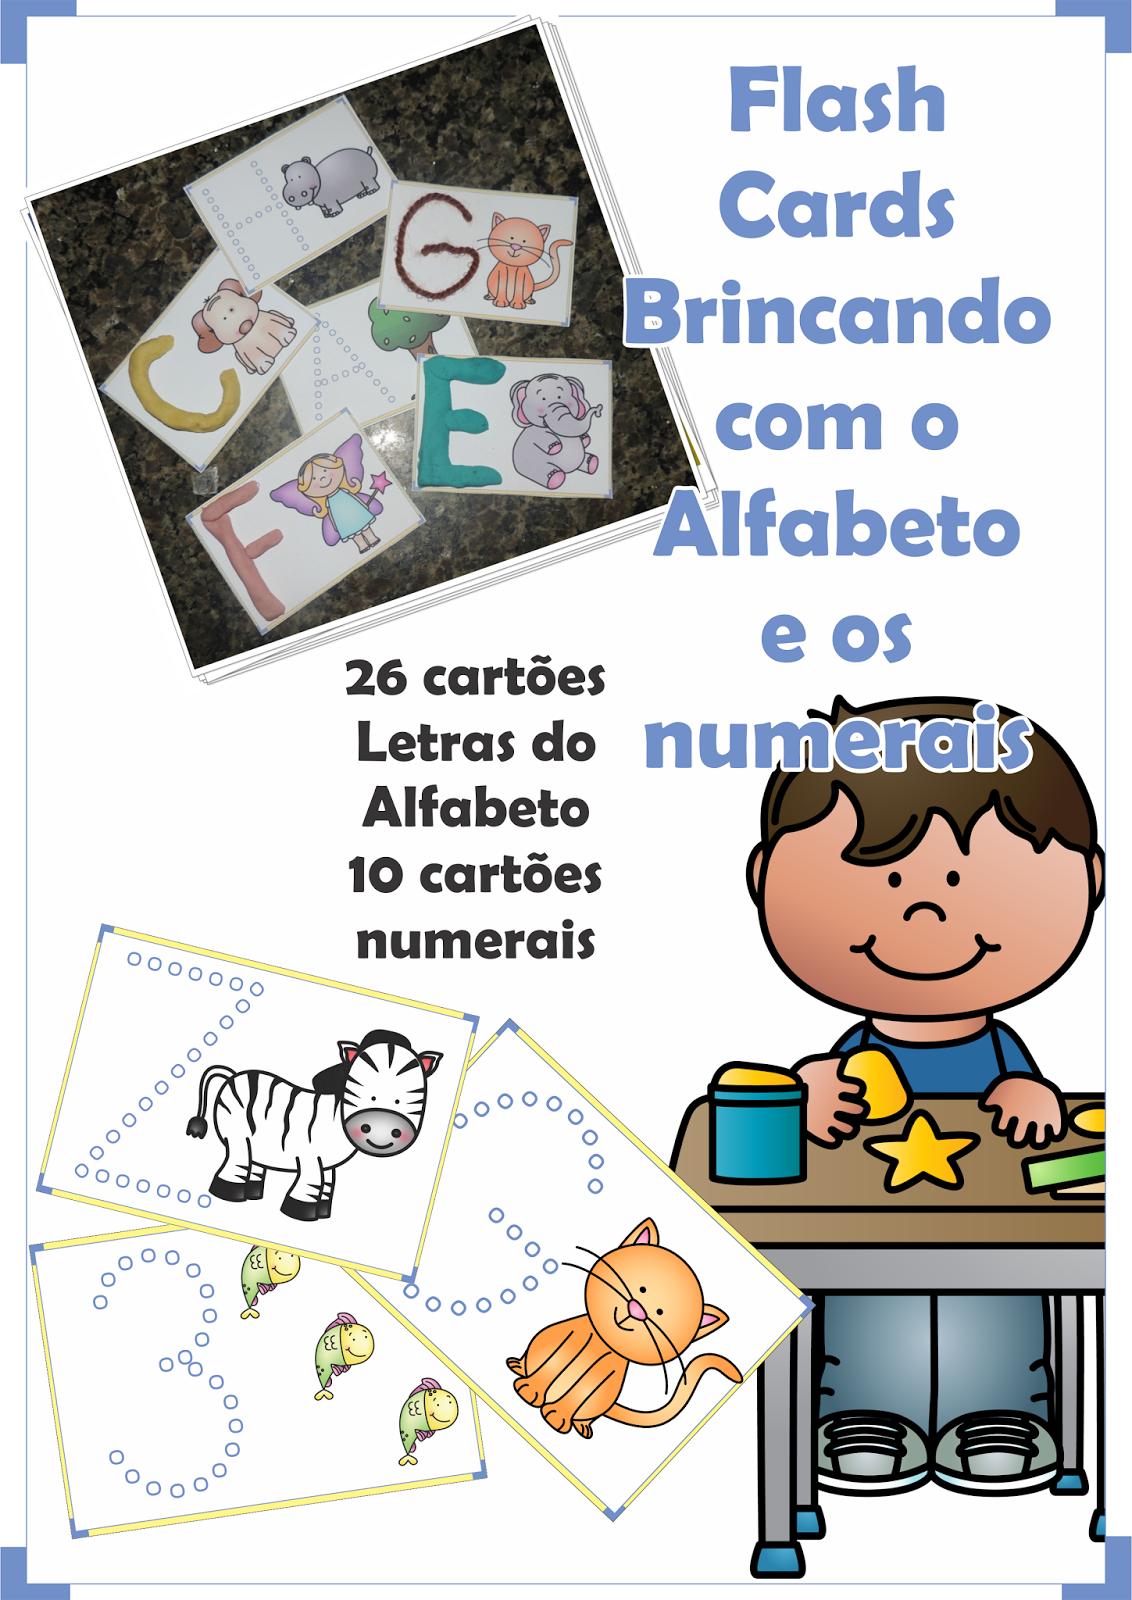 Flash Cards Brincando com o Alfabeto e os Numerais